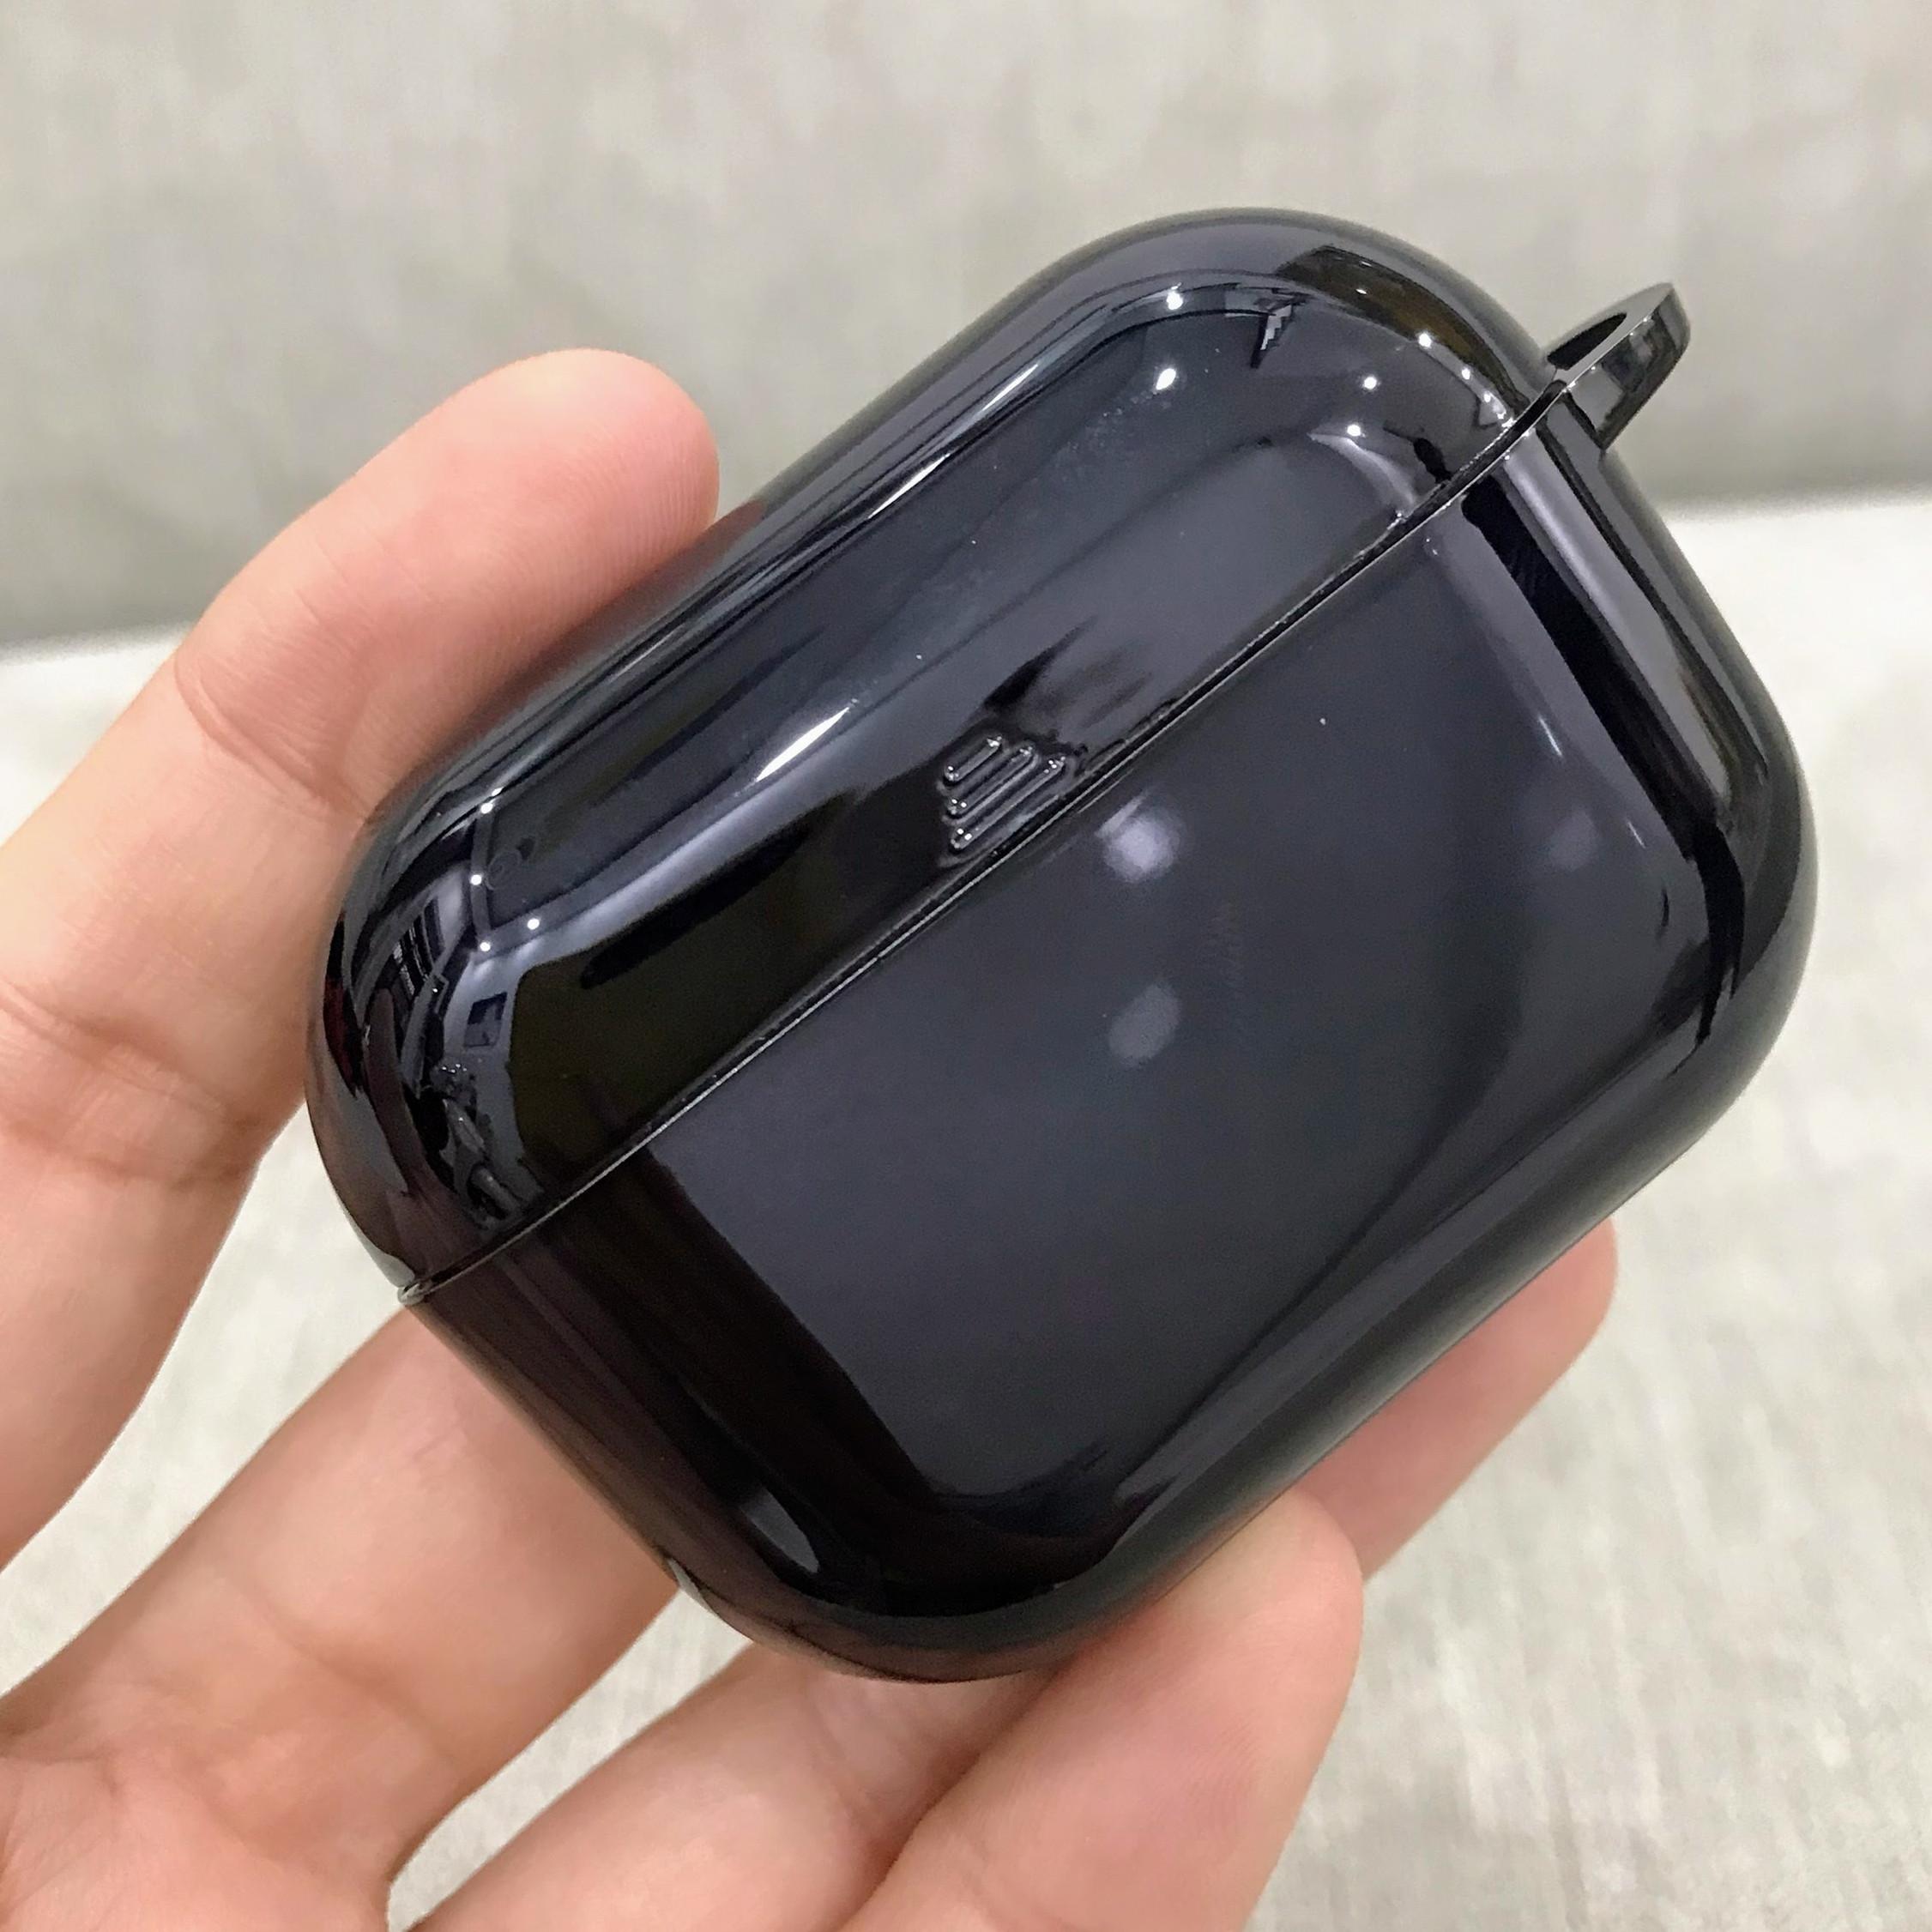 Case Airpods Pro Cao Cấp - Ốp Bảo Vệ Dành Cho Airpods Pro - Nhựa Silicon Mạ Crom Bóng Kèm Dây Đeo - Màu Đen